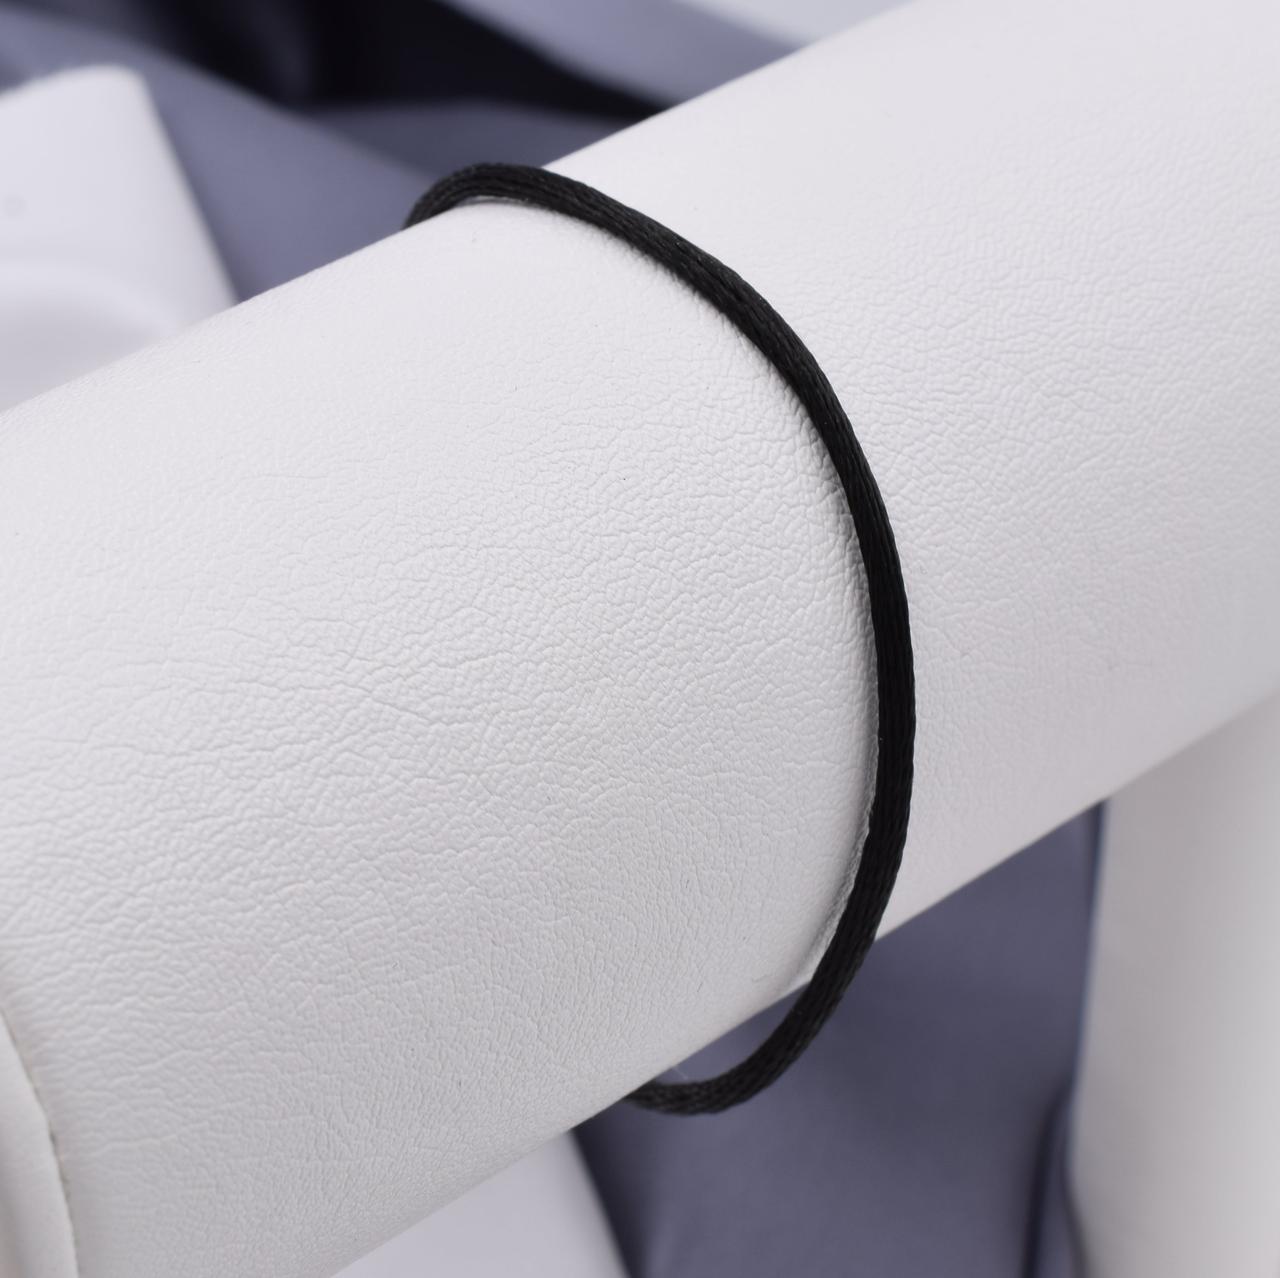 Серебряный оберег Черная нить длина 21 см ширина 2 мм вес 0.7 г